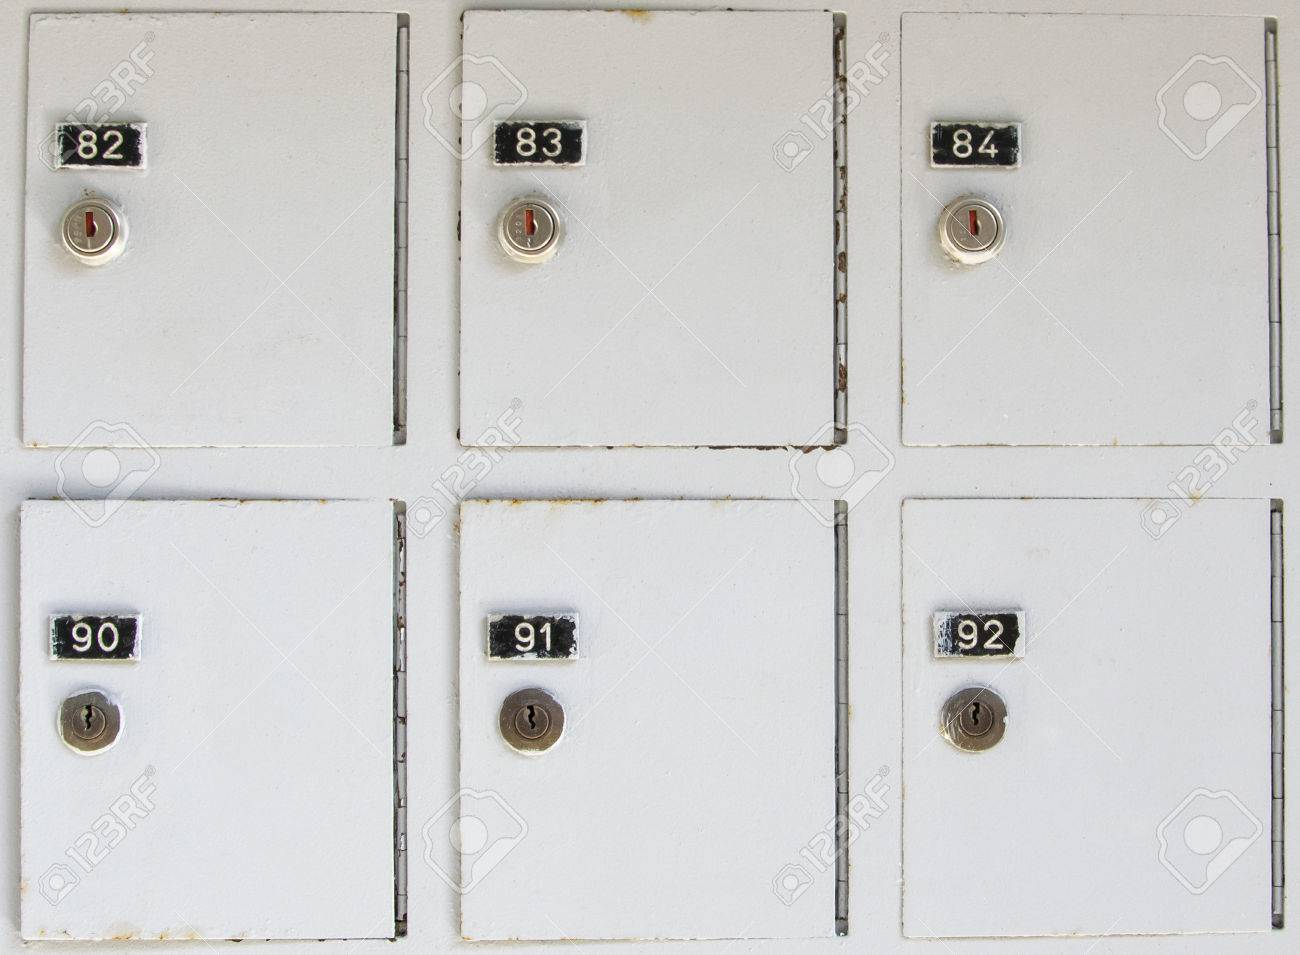 casiers d armoires metalliques vintage